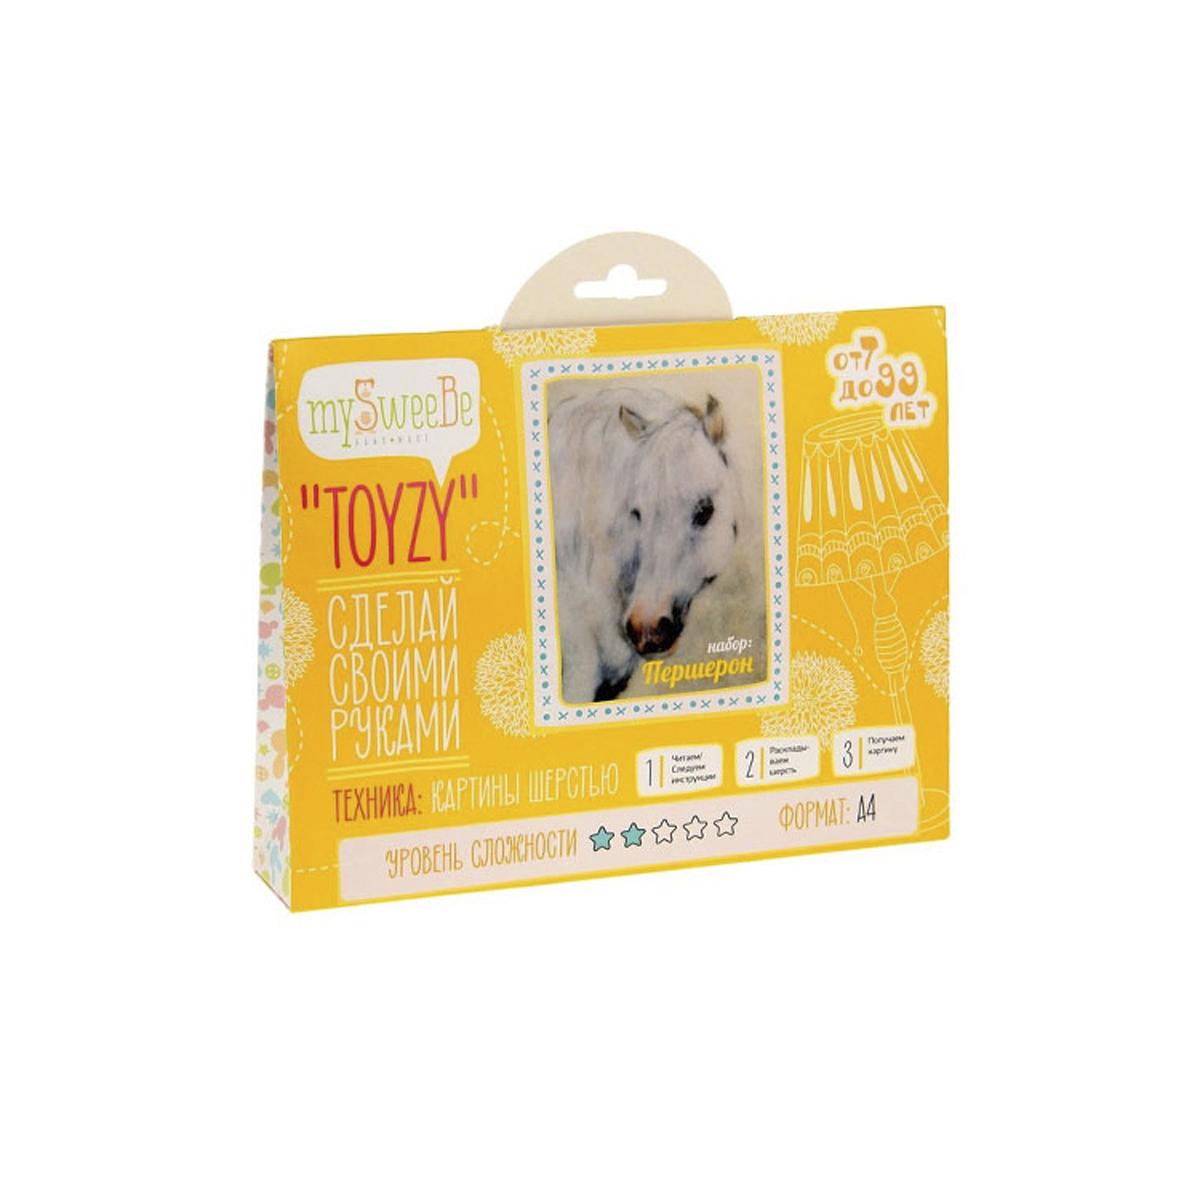 Картина шерстью Toyzy Першерон, 29,7 см х 21 см. TZ-P002582268Набор для изготовления картин из шерсти Toyzy включает в себя: детальную инструкцию; все необходимые материалы и инструменты (в т.ч. шерсть, пинцет, подложку, дополнительные элементы). Шерсть, содержащаяся в наборе, является 100% натуральной и качественной.